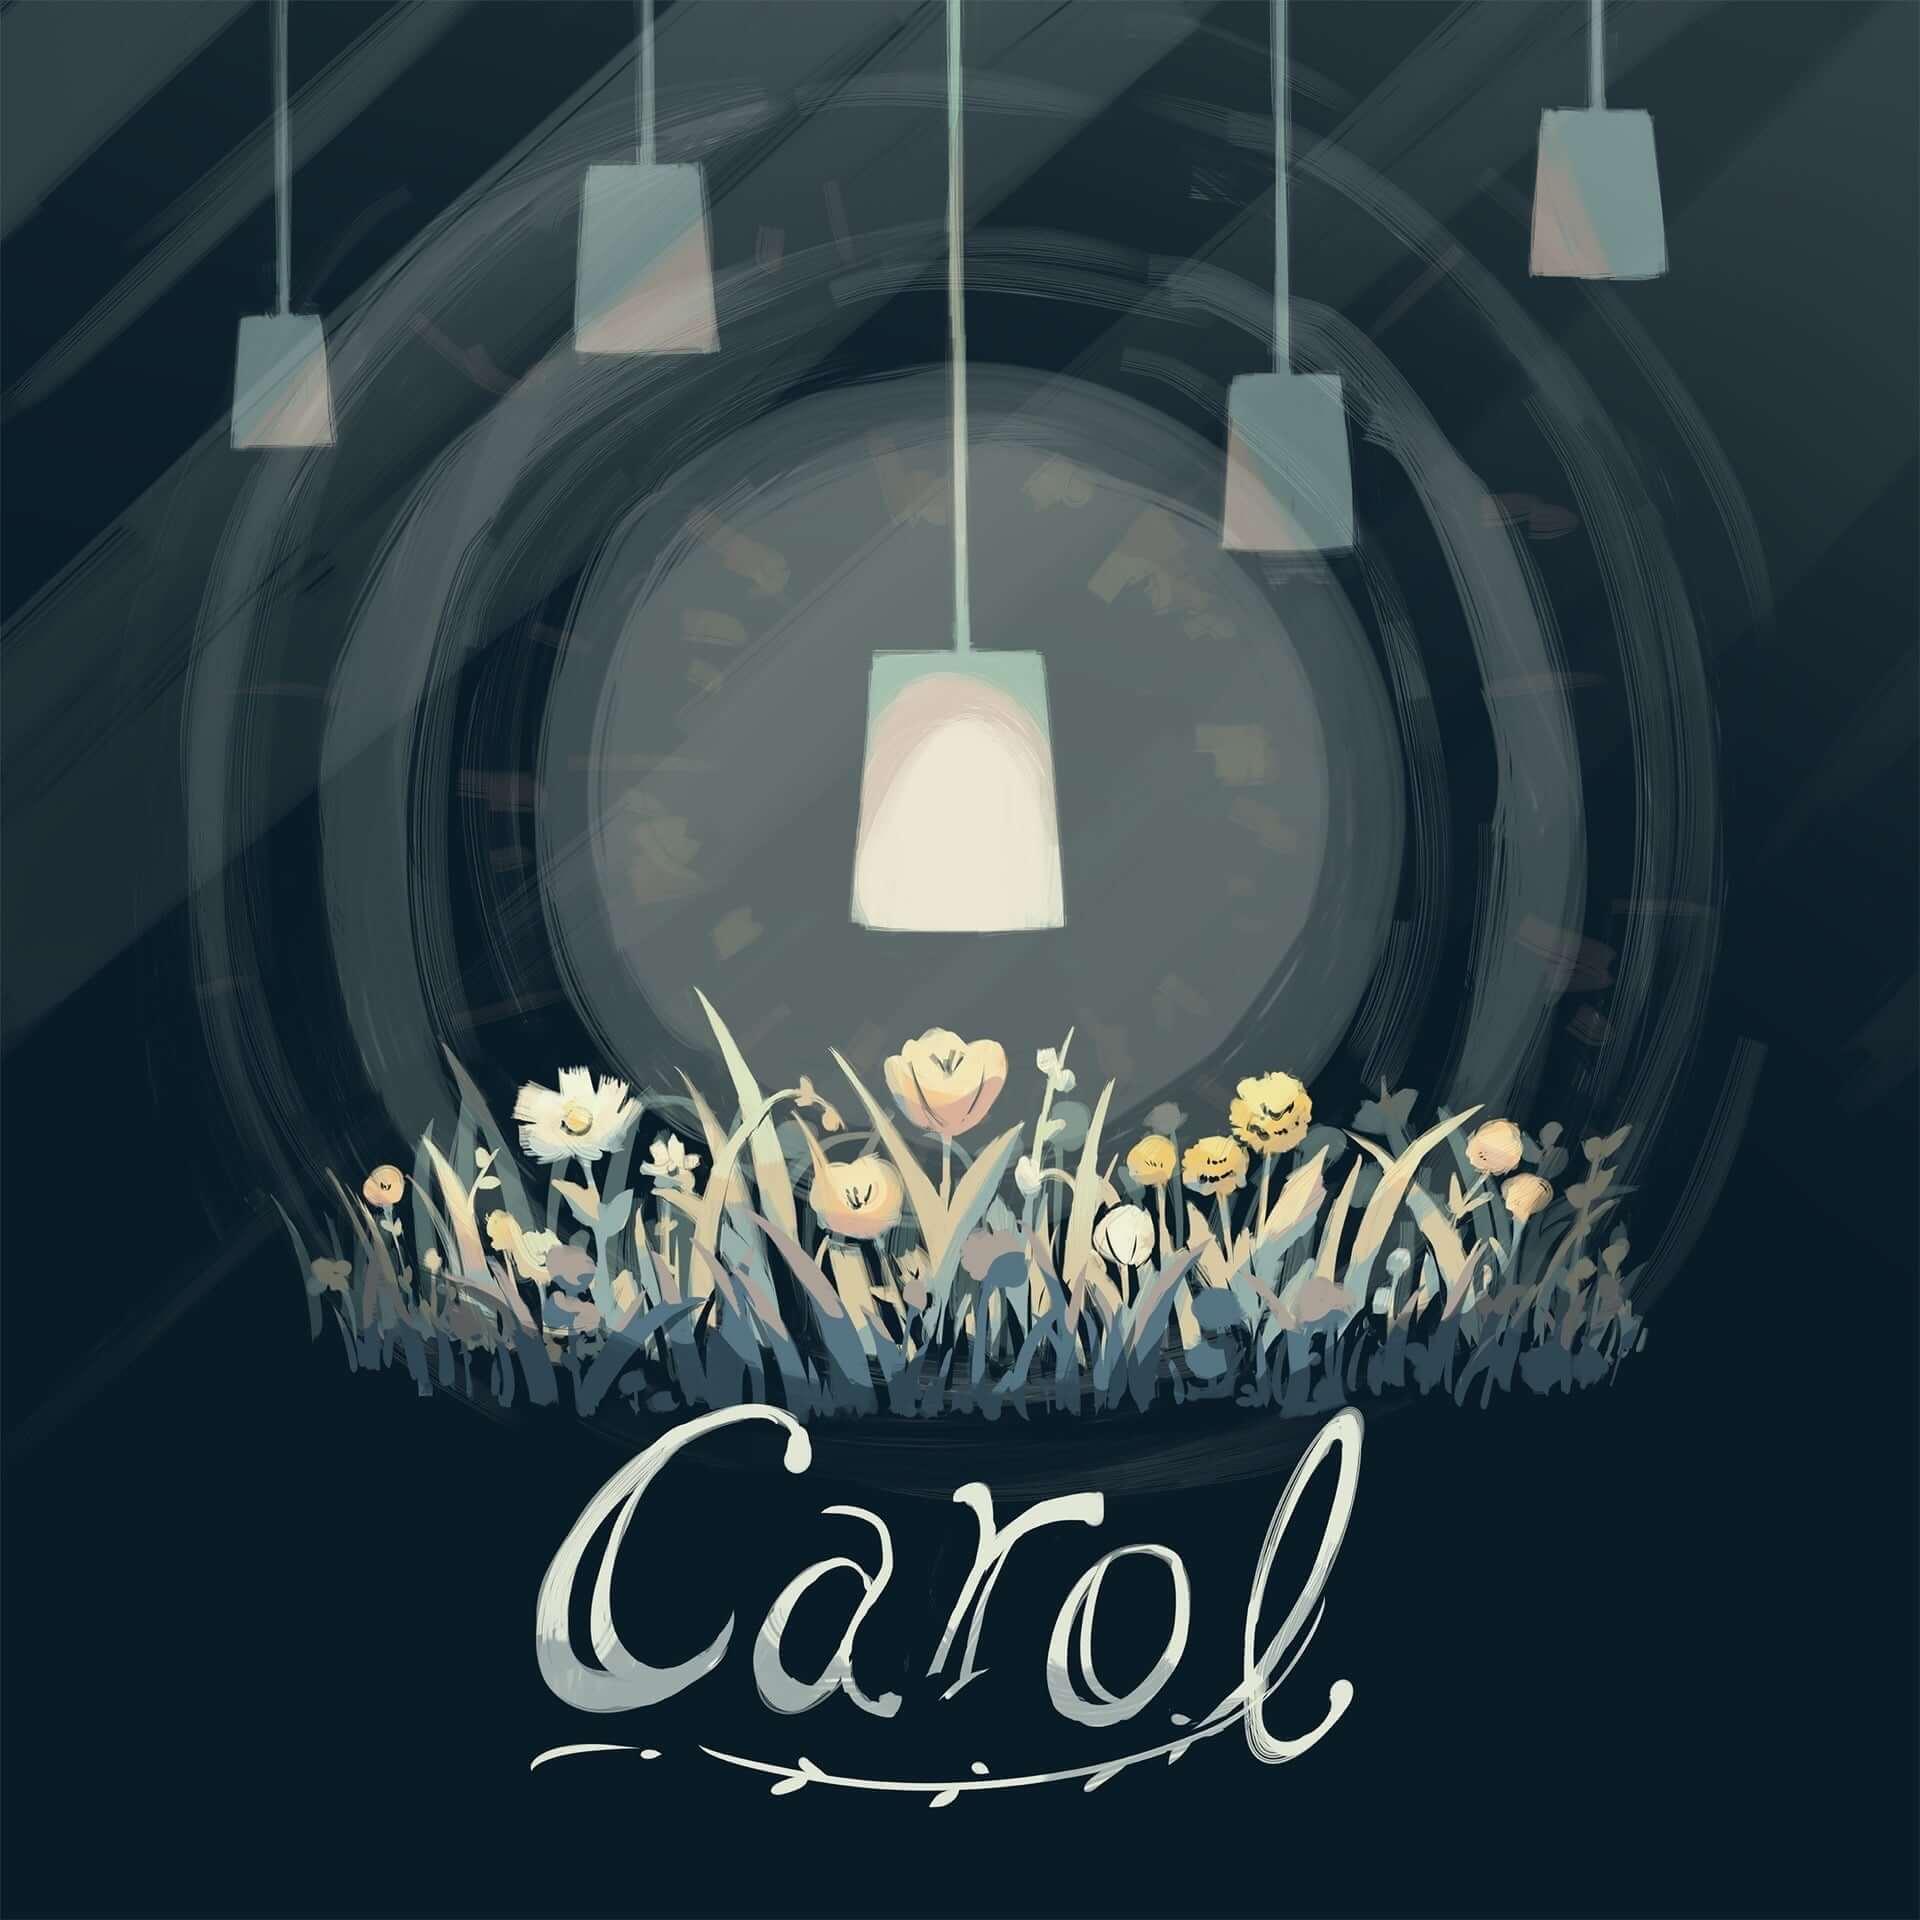 """須田景凪が書き下ろした""""Carol""""のMVがフル尺で初解禁!アボガド6が新たなアニメーションを制作 music200804_suda_keina_2-1920x1920"""